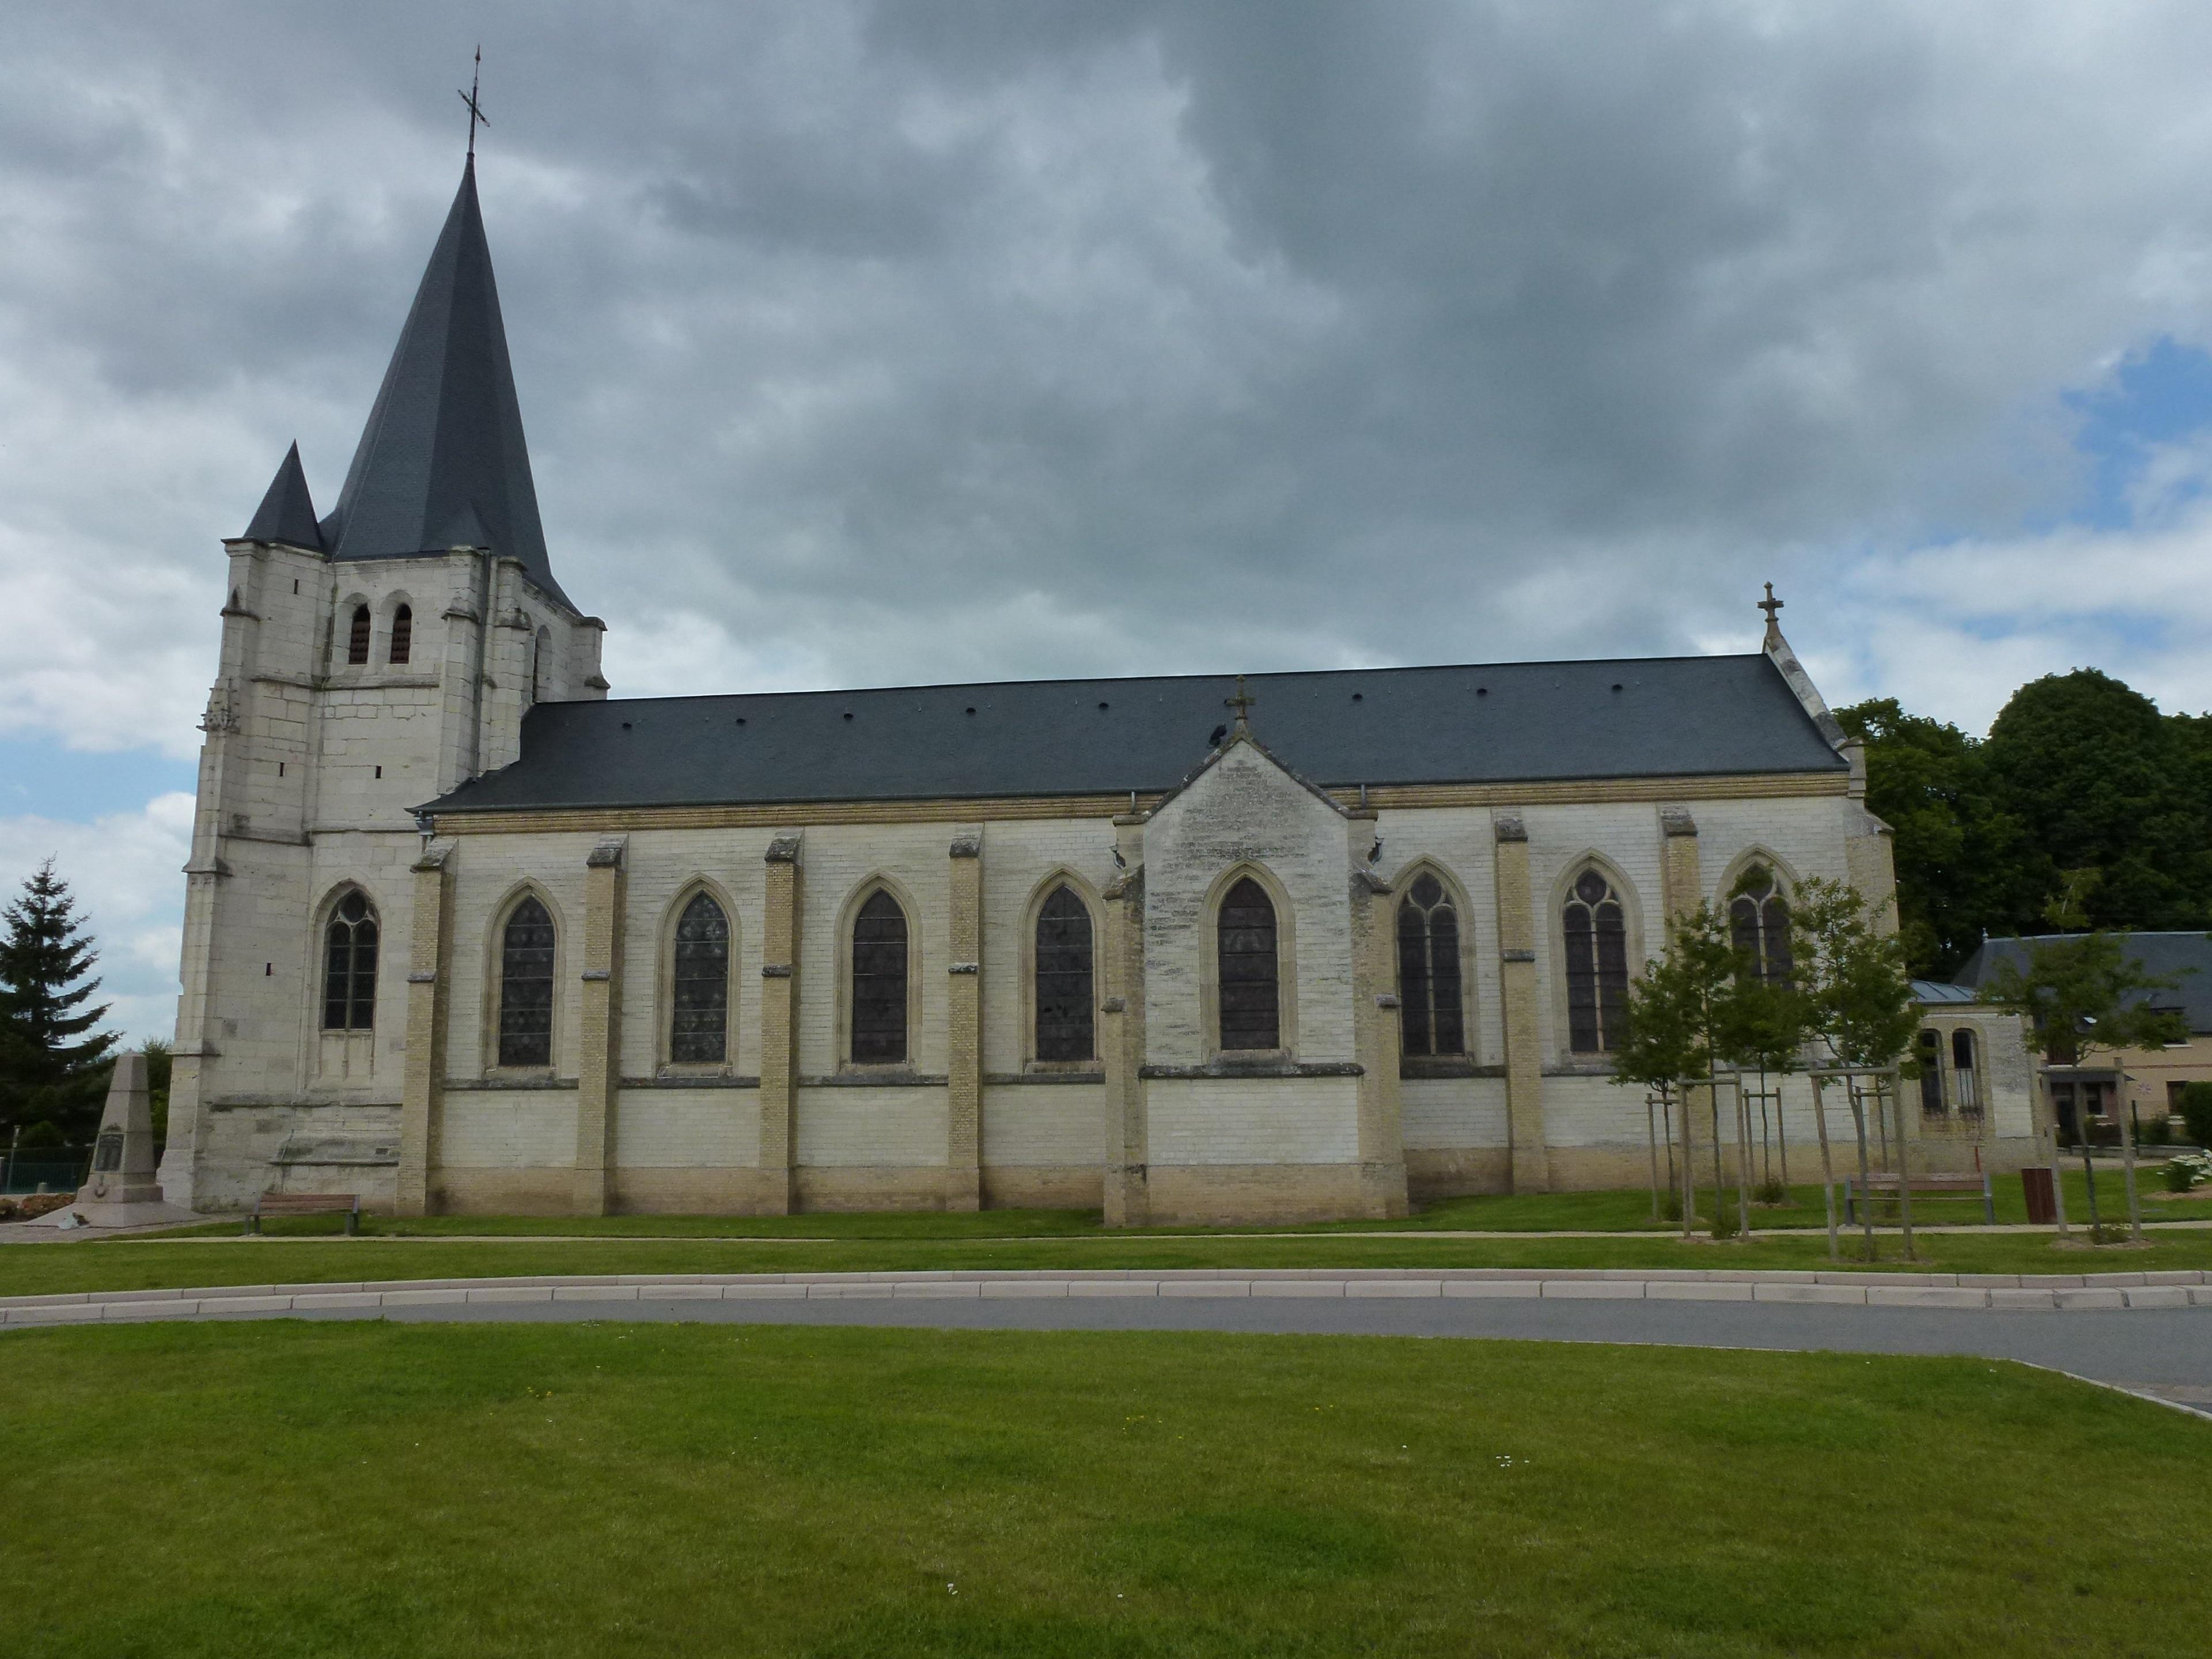 Amfreville-la-Campagne, Amfreville-Saint-Amand, Eure Département, Frankreich